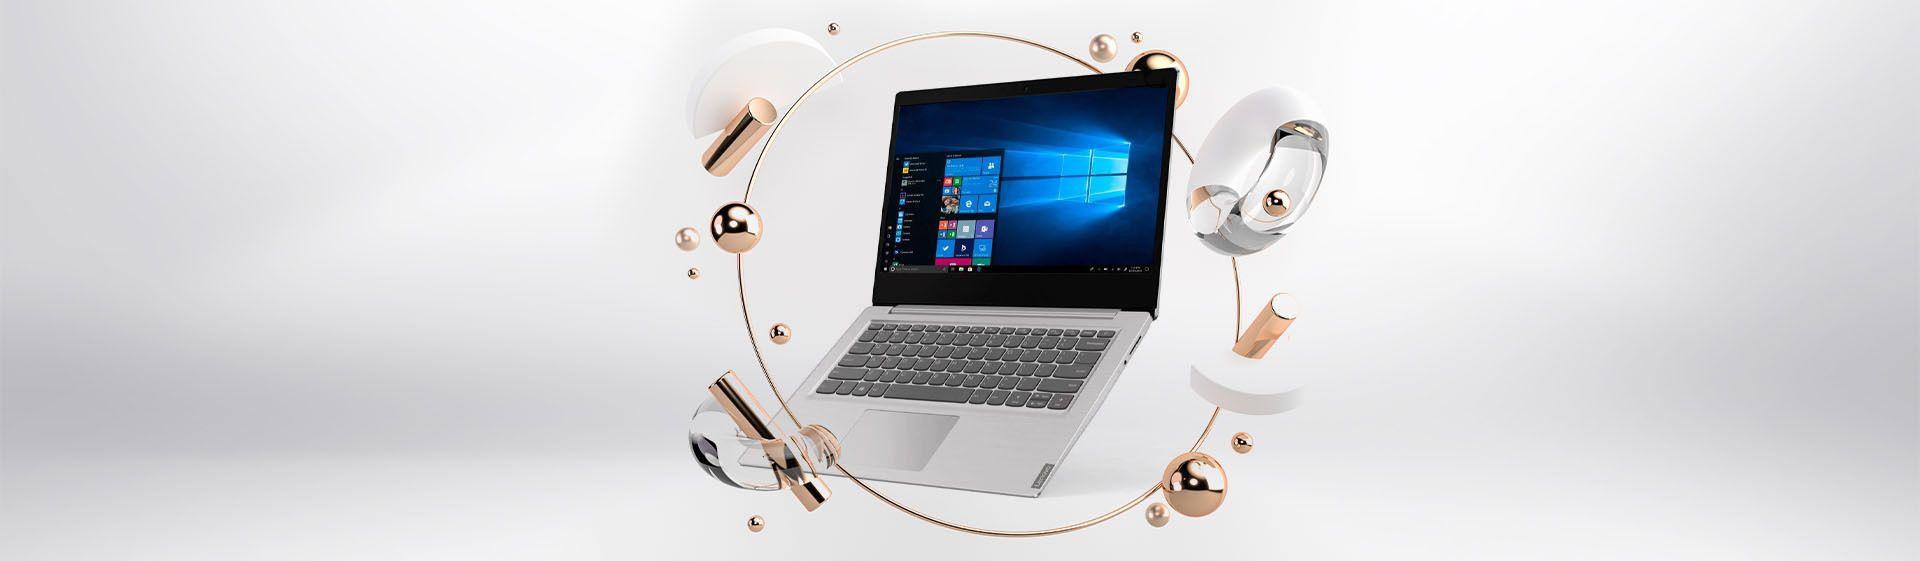 IdeaPad S145 (81S9000HBR) é bom? Análise do notebook Lenovo